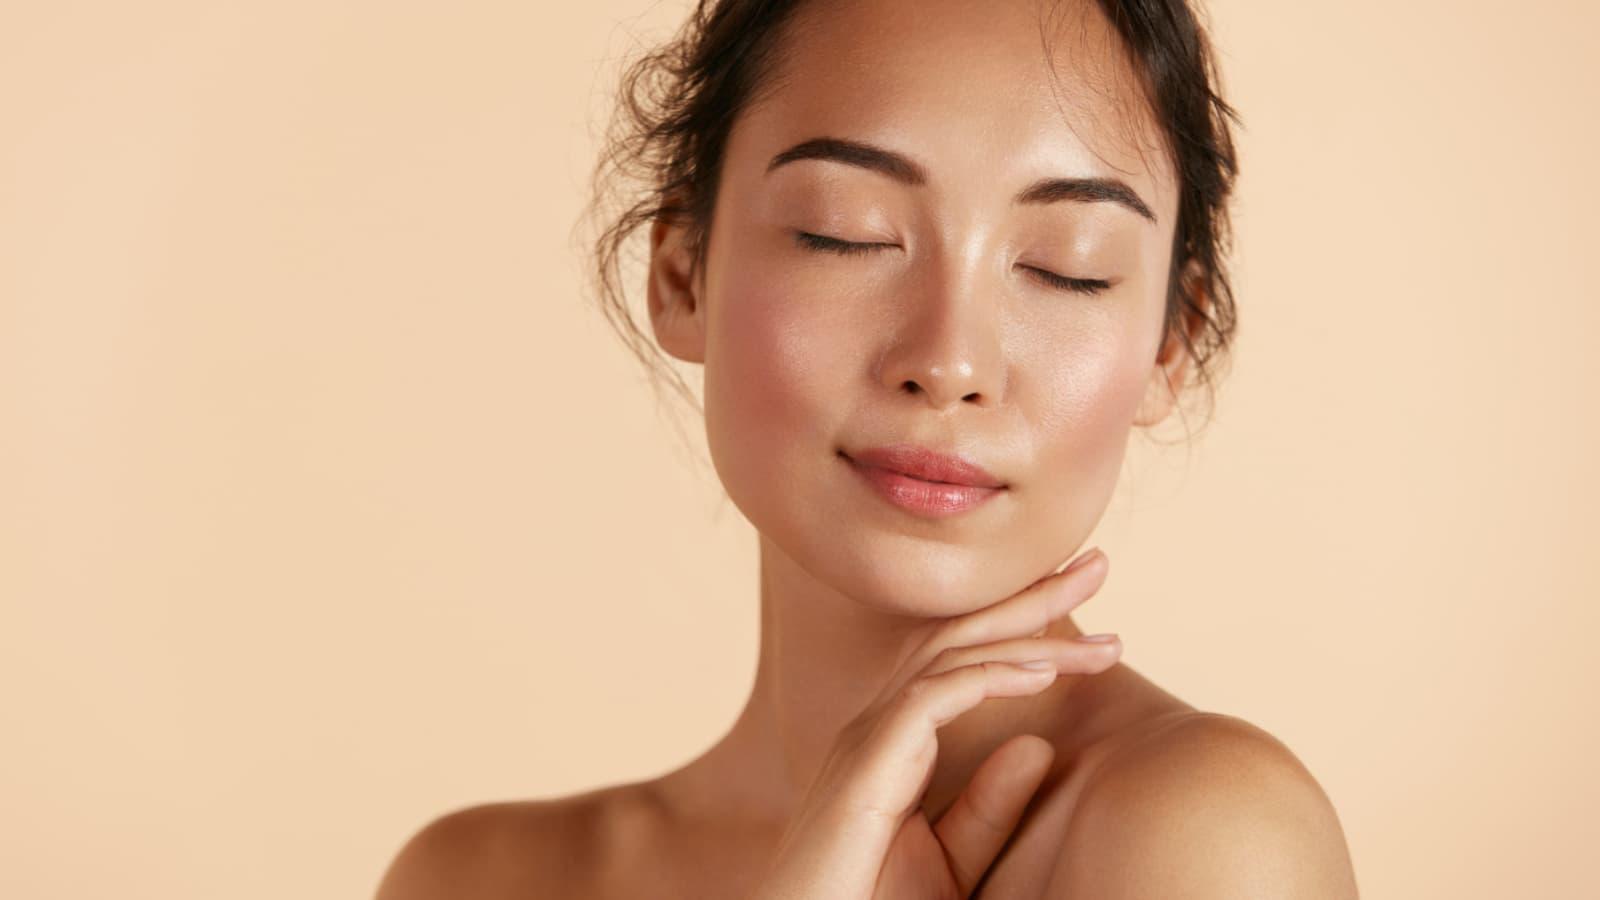 Mulher tocando o próprio rosto, demonstrando o cuidado necessário para cada tipo de pele